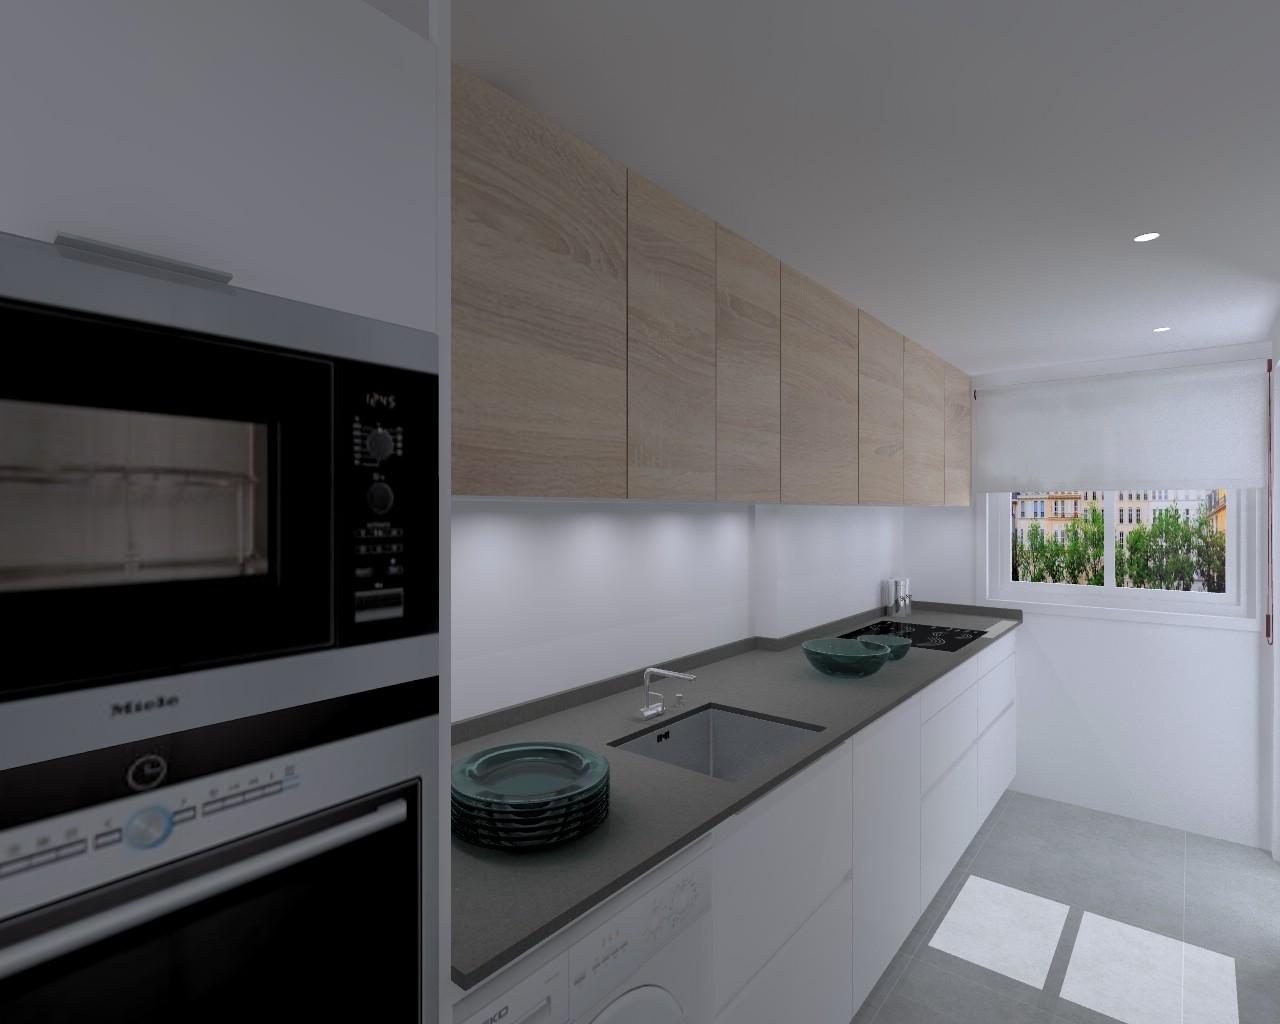 proyecto cocina santos modelo line e con encimera silestone en madrid estudio cocinas dc